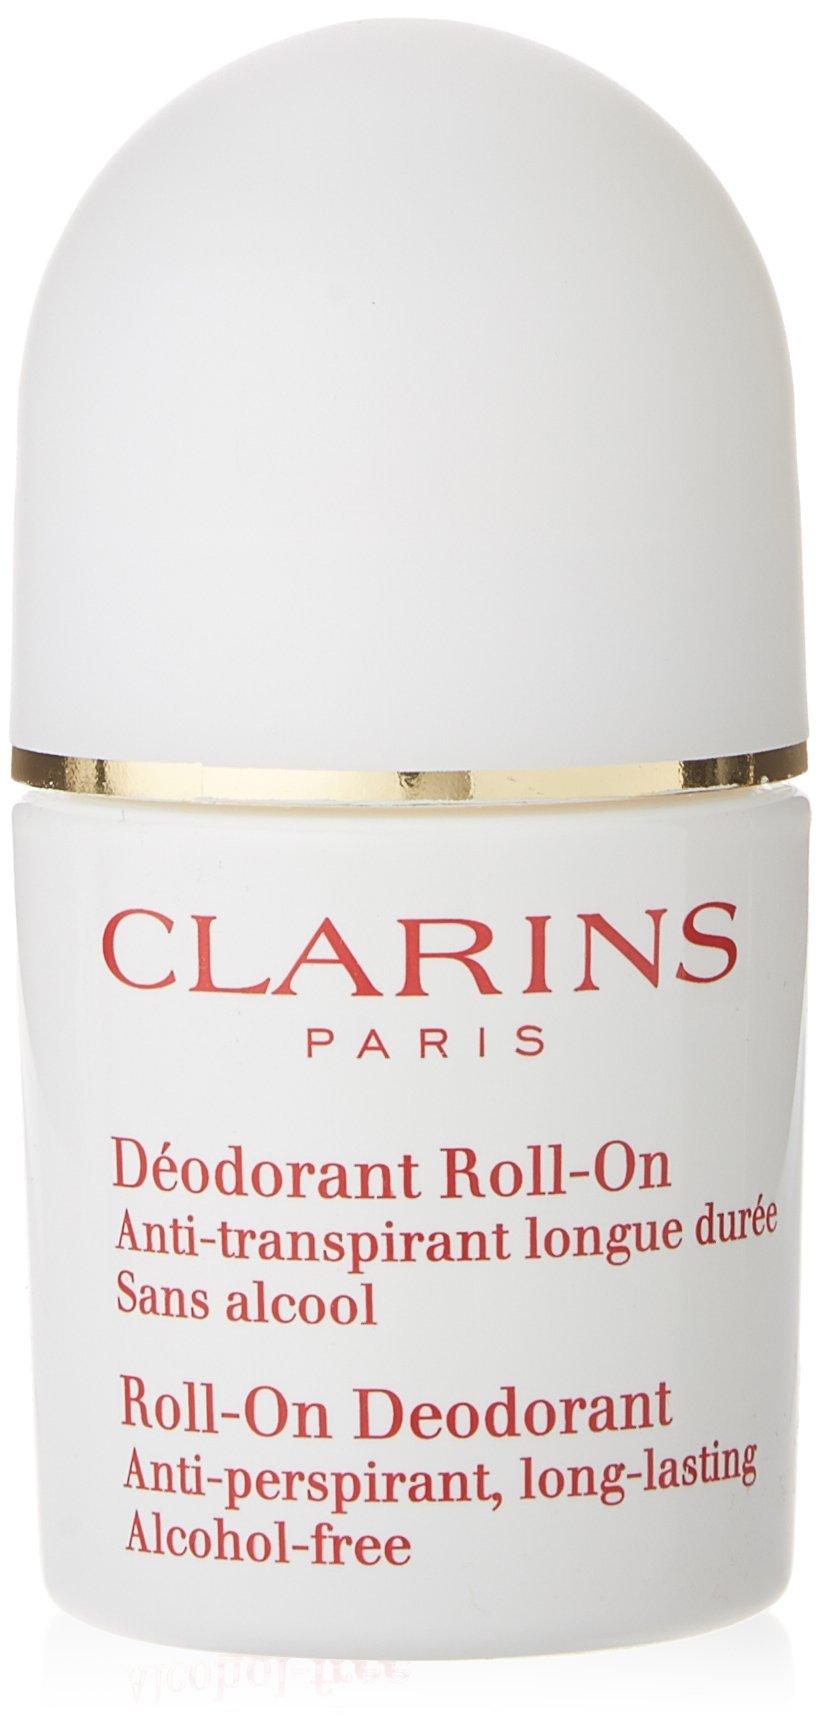 Clarins Roll On Deodorant - 1.7 Fluid Ounce